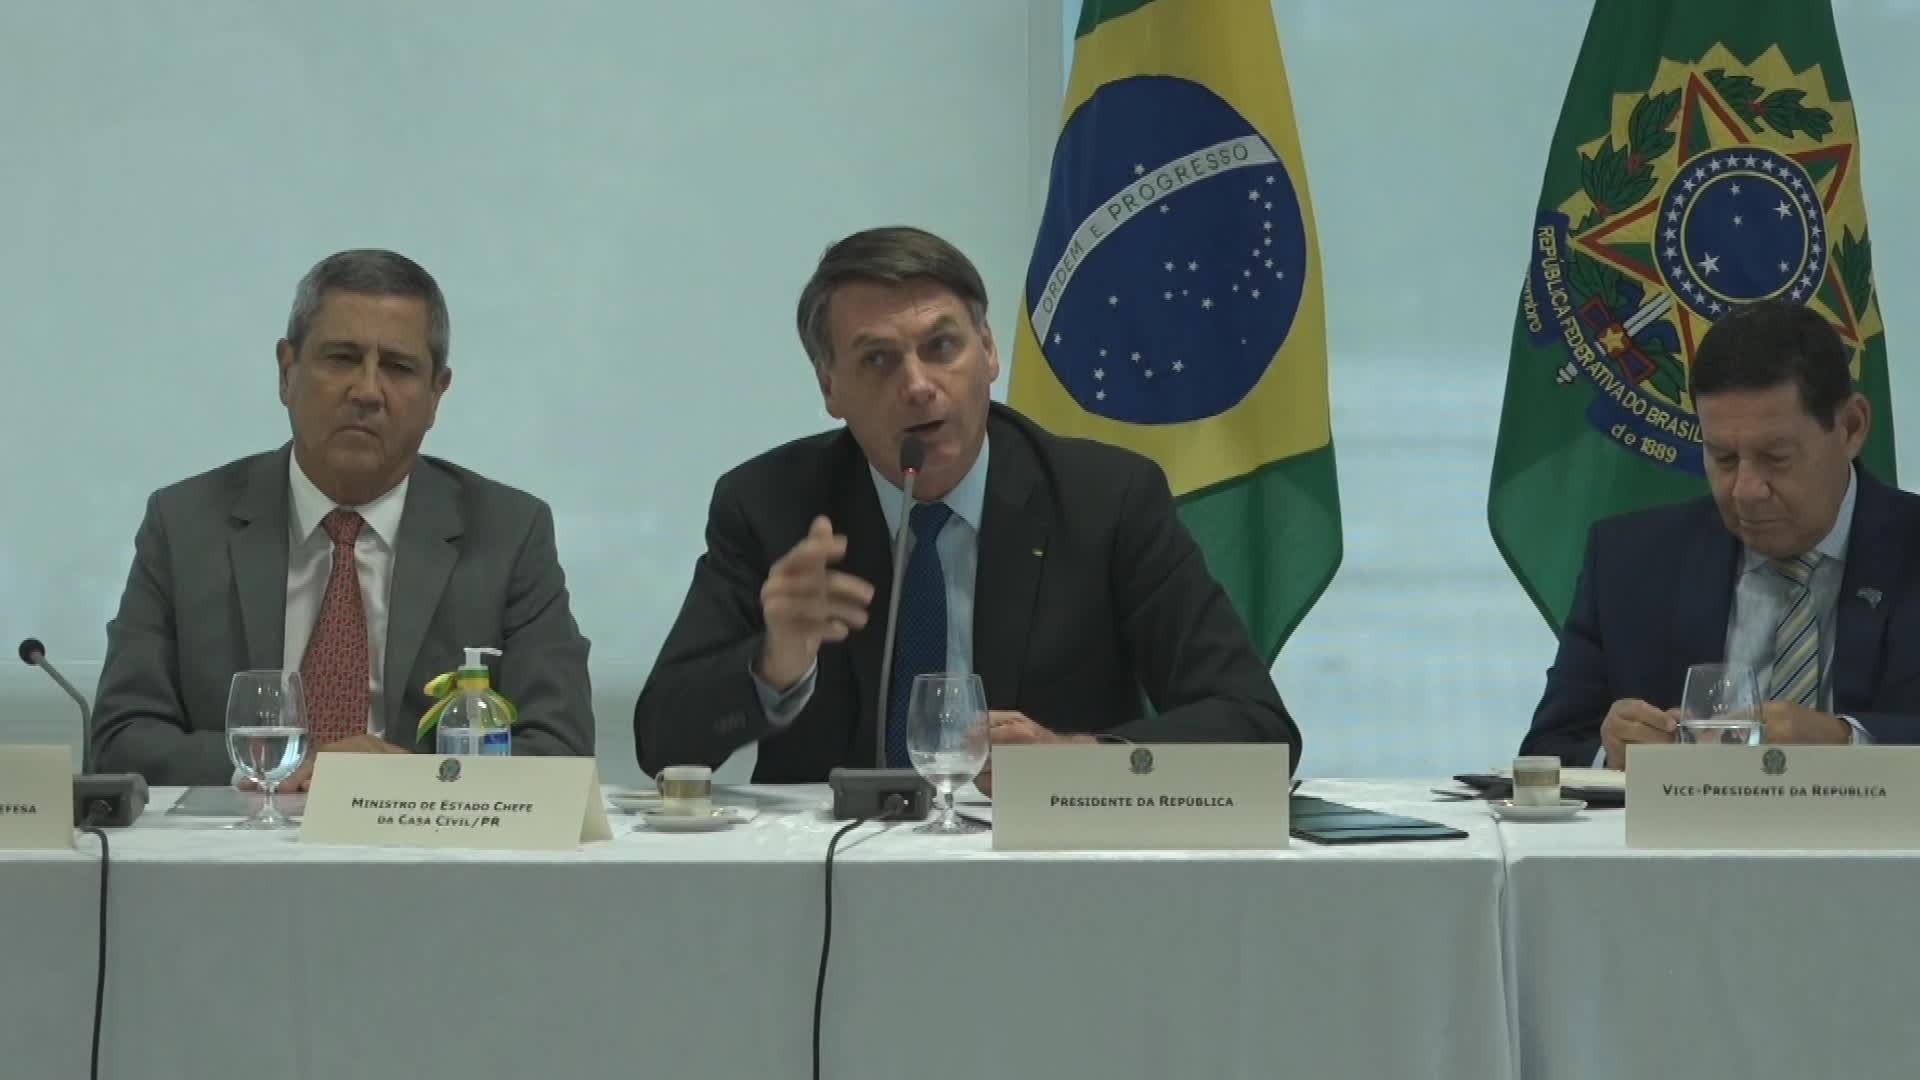 Imprensa internacional repercute vídeo da reunião entre Bolsonaro e ministros